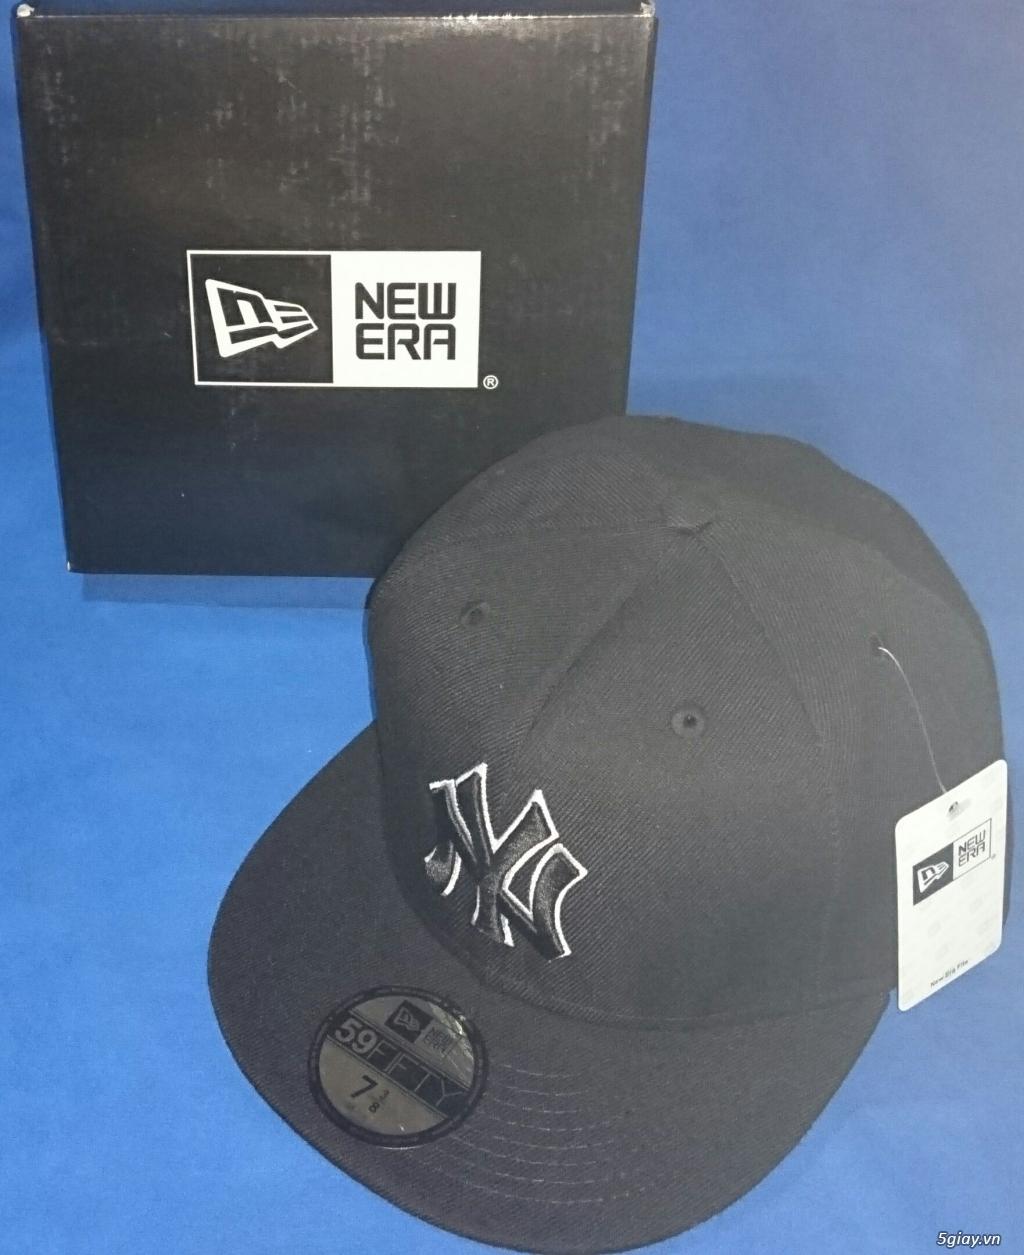 Áo khoác Adidas & Nike , Nón NY, LA A's (hàng nhập nhé các bạn) - 22